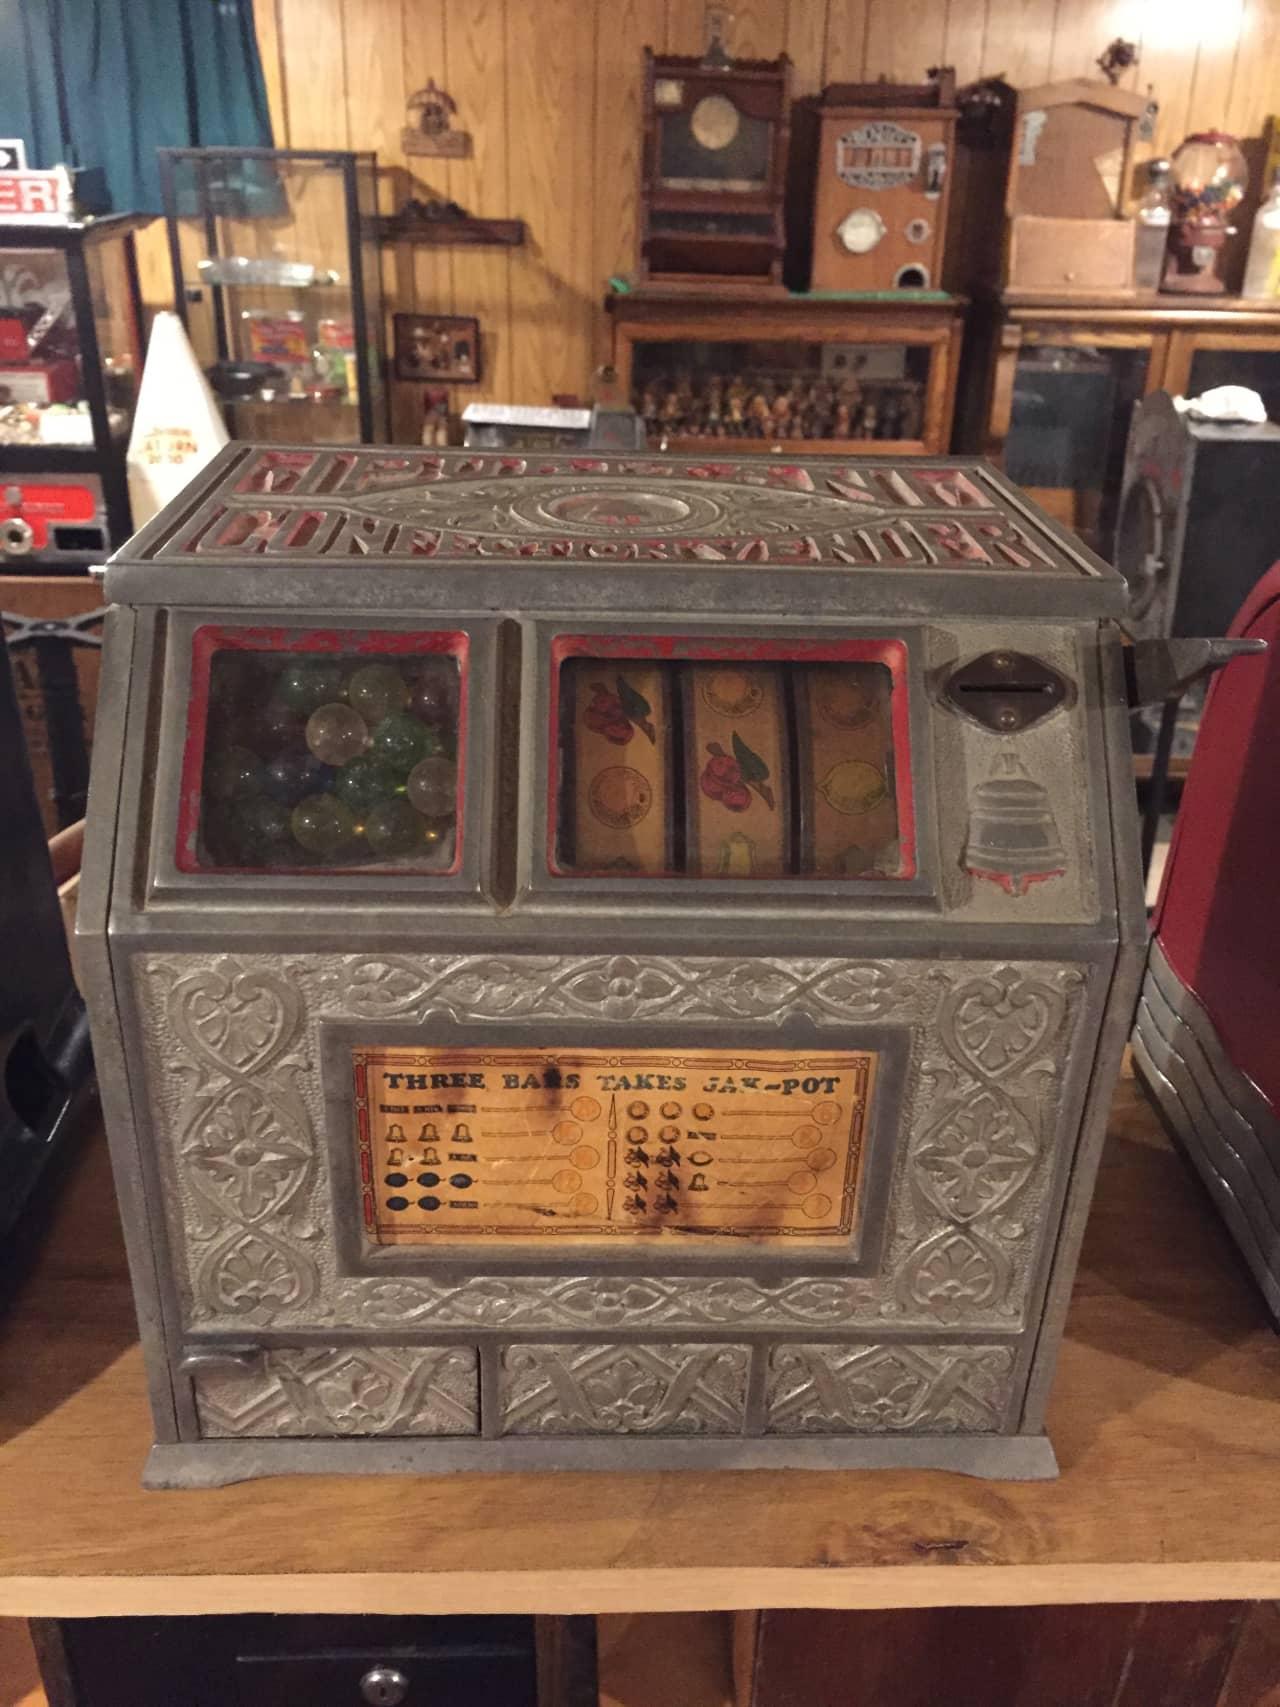 Chicago Mint Puritan Confection Vendor